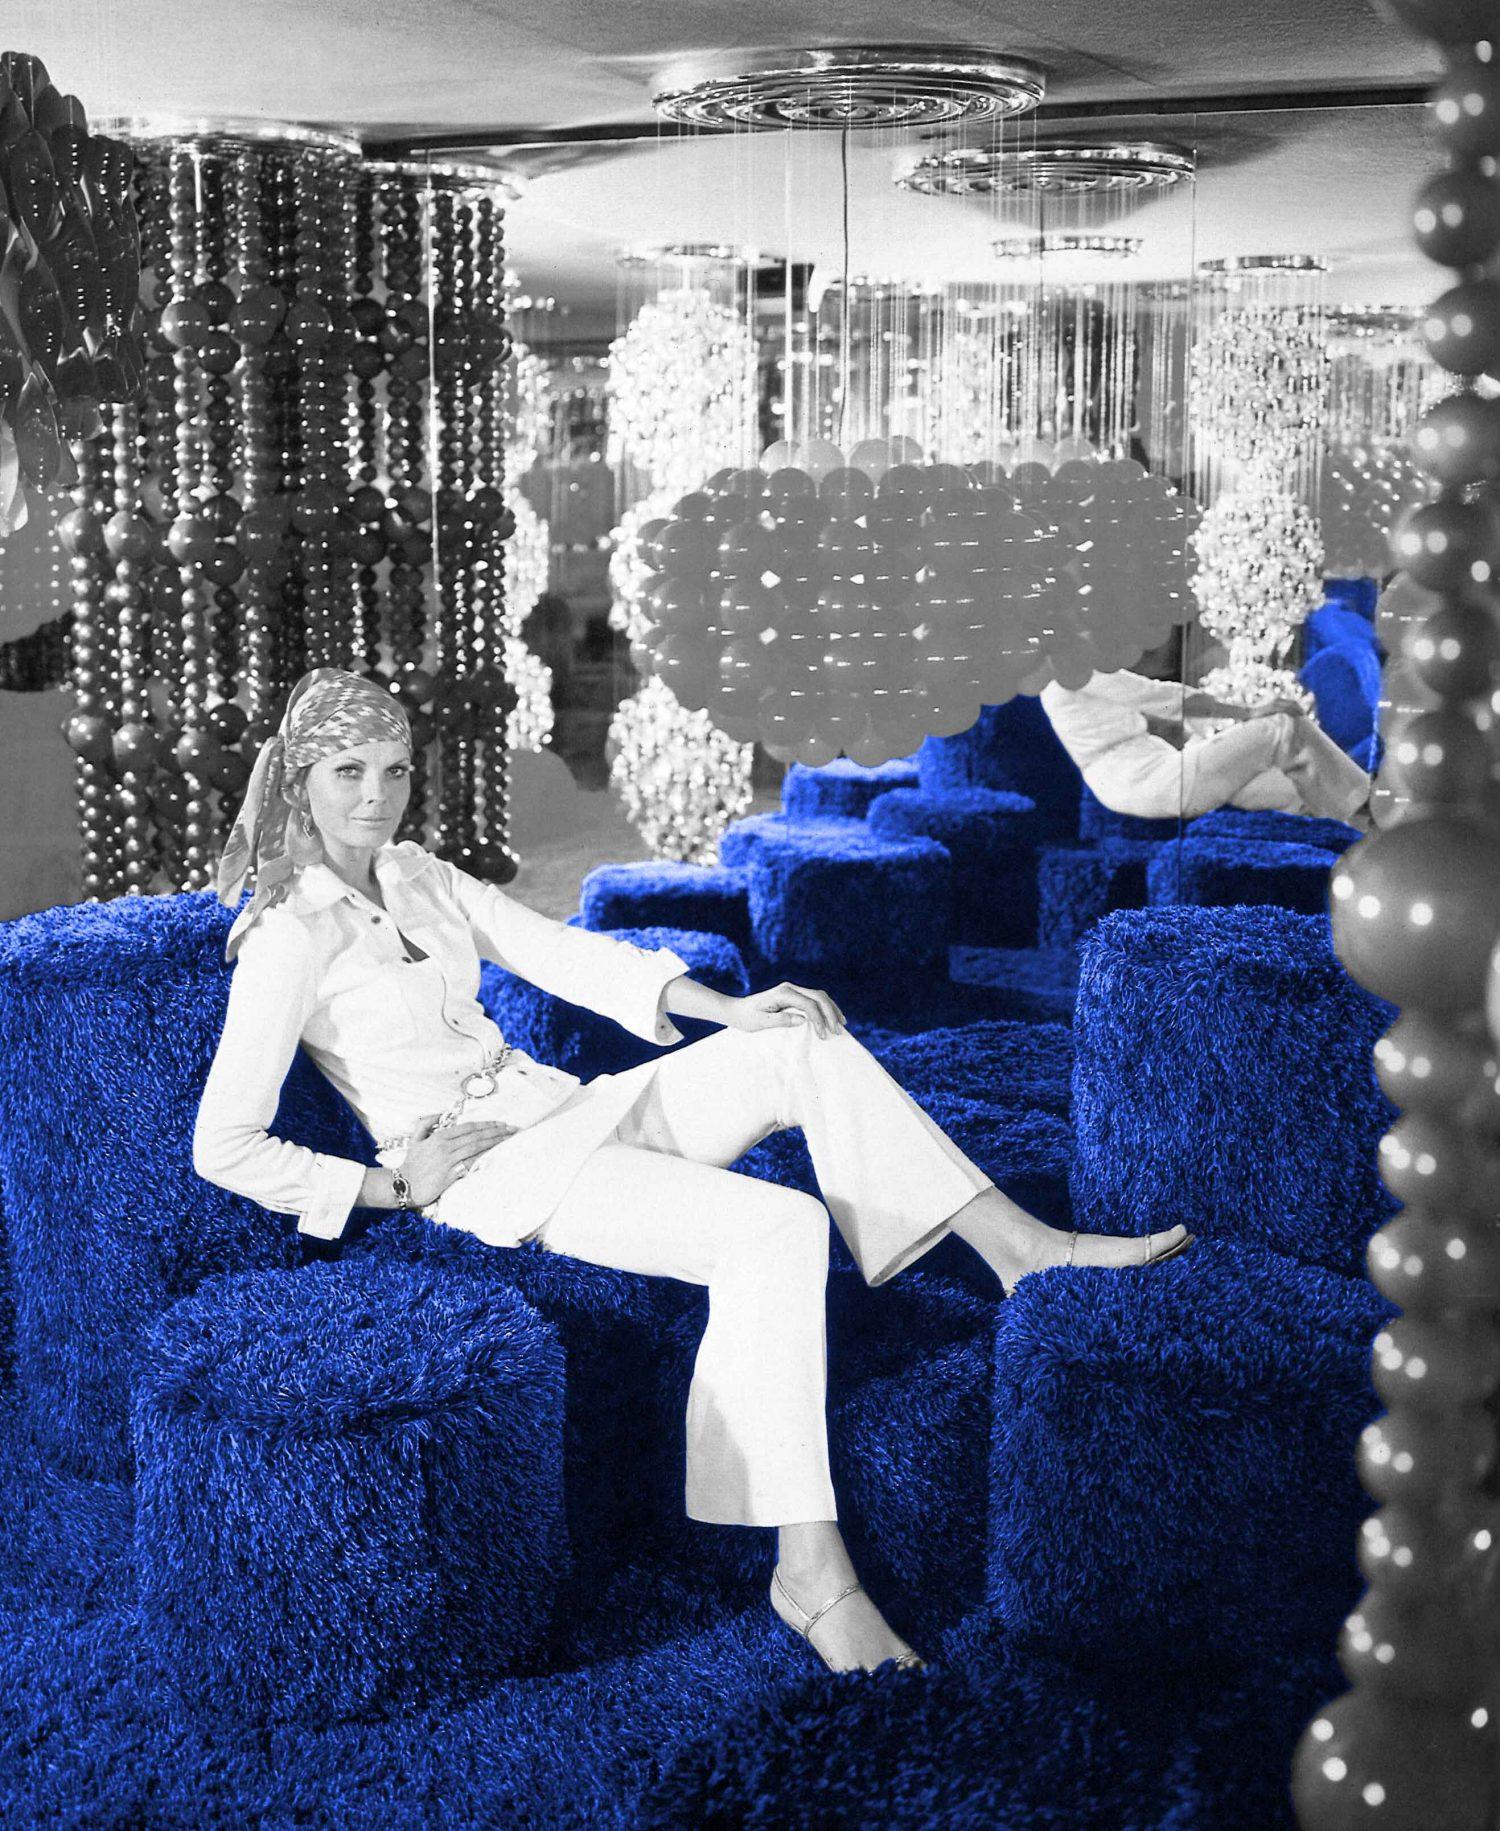 verner-panton-3d-carpet